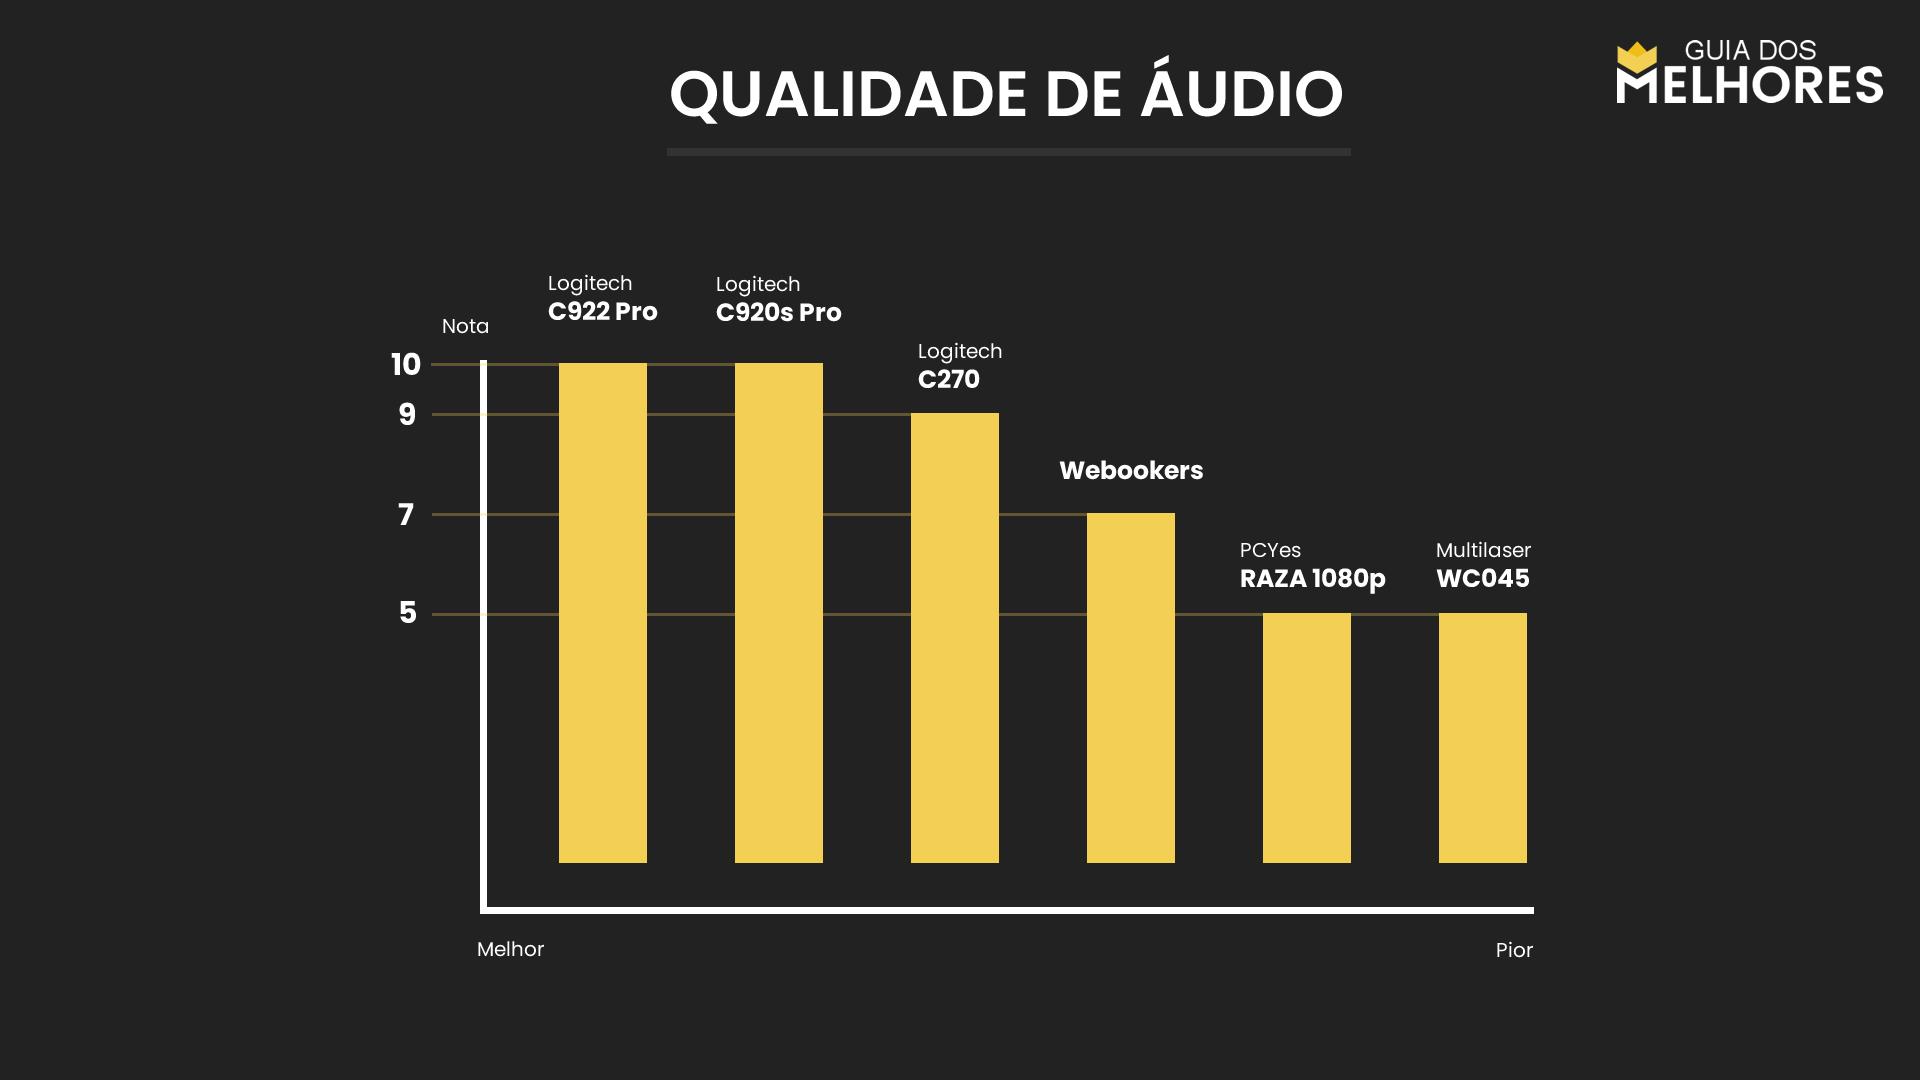 Webcam Qualidade de Áudio